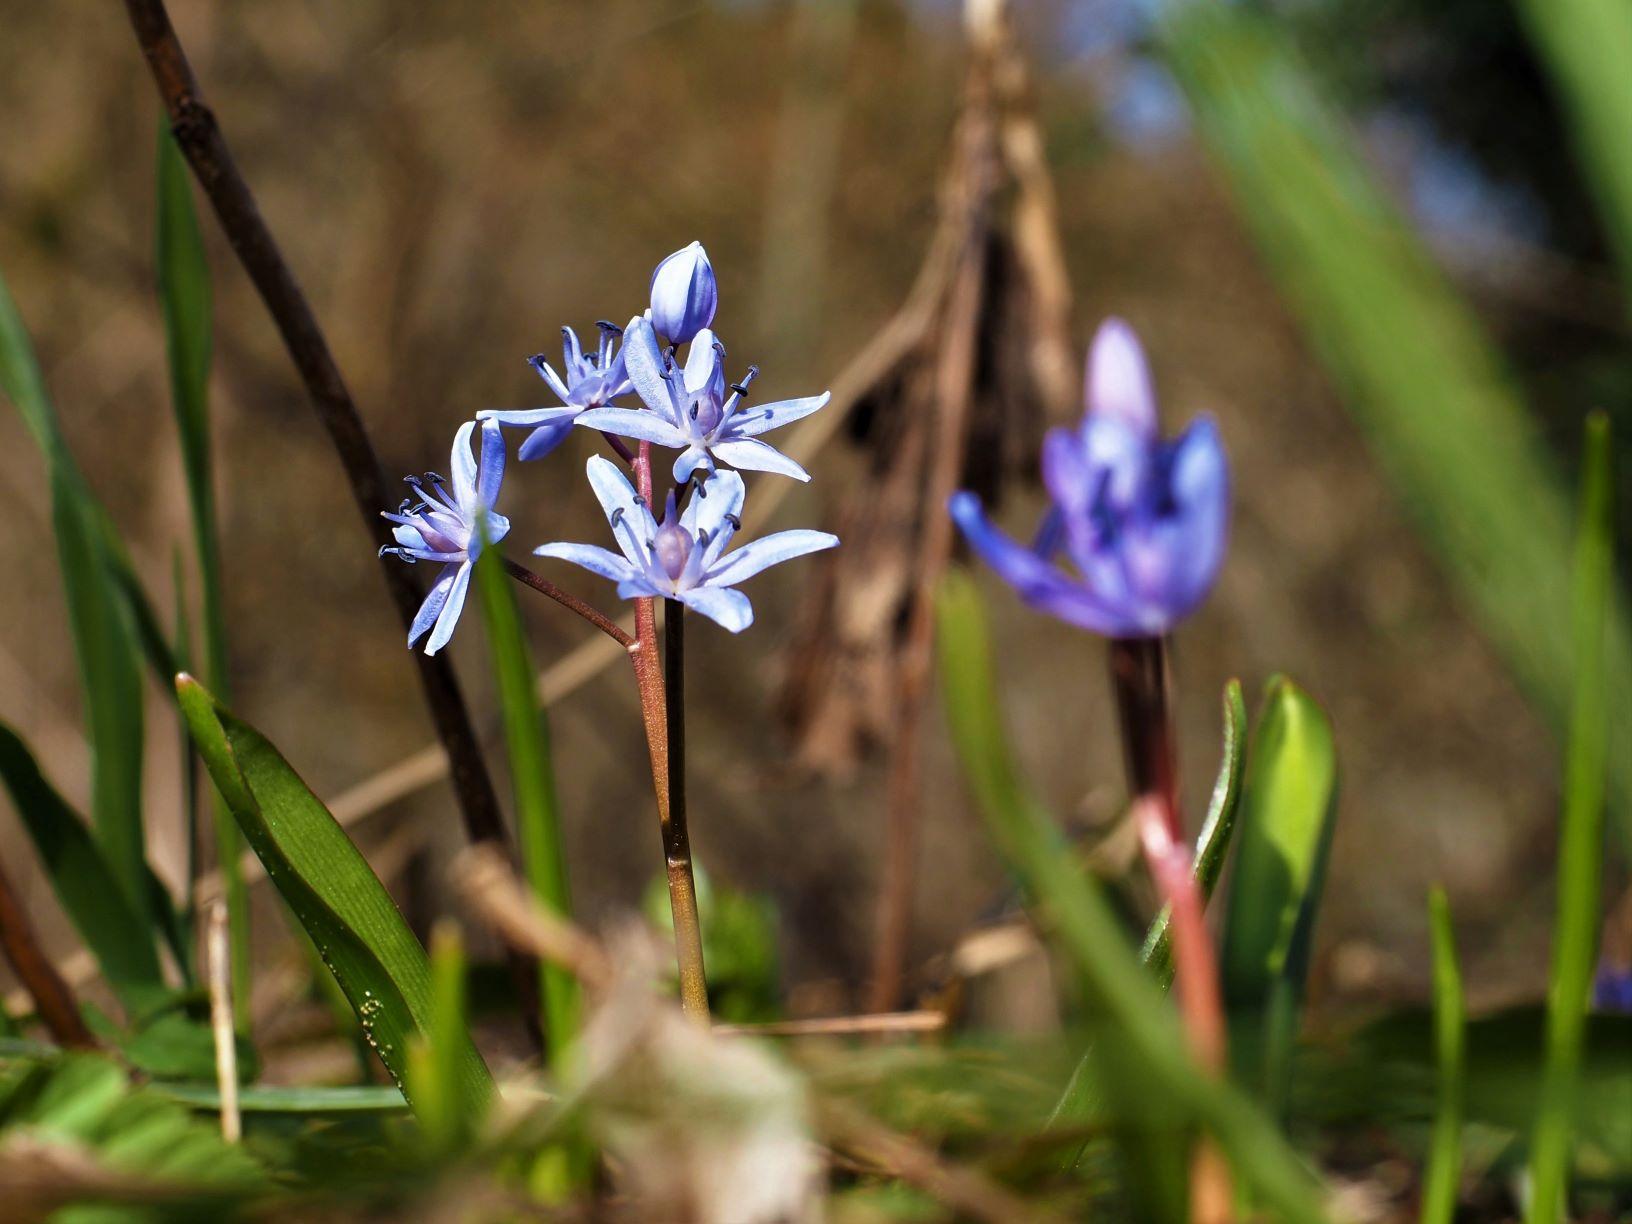 Zweiblättriger Blaustern (M. Pagel)